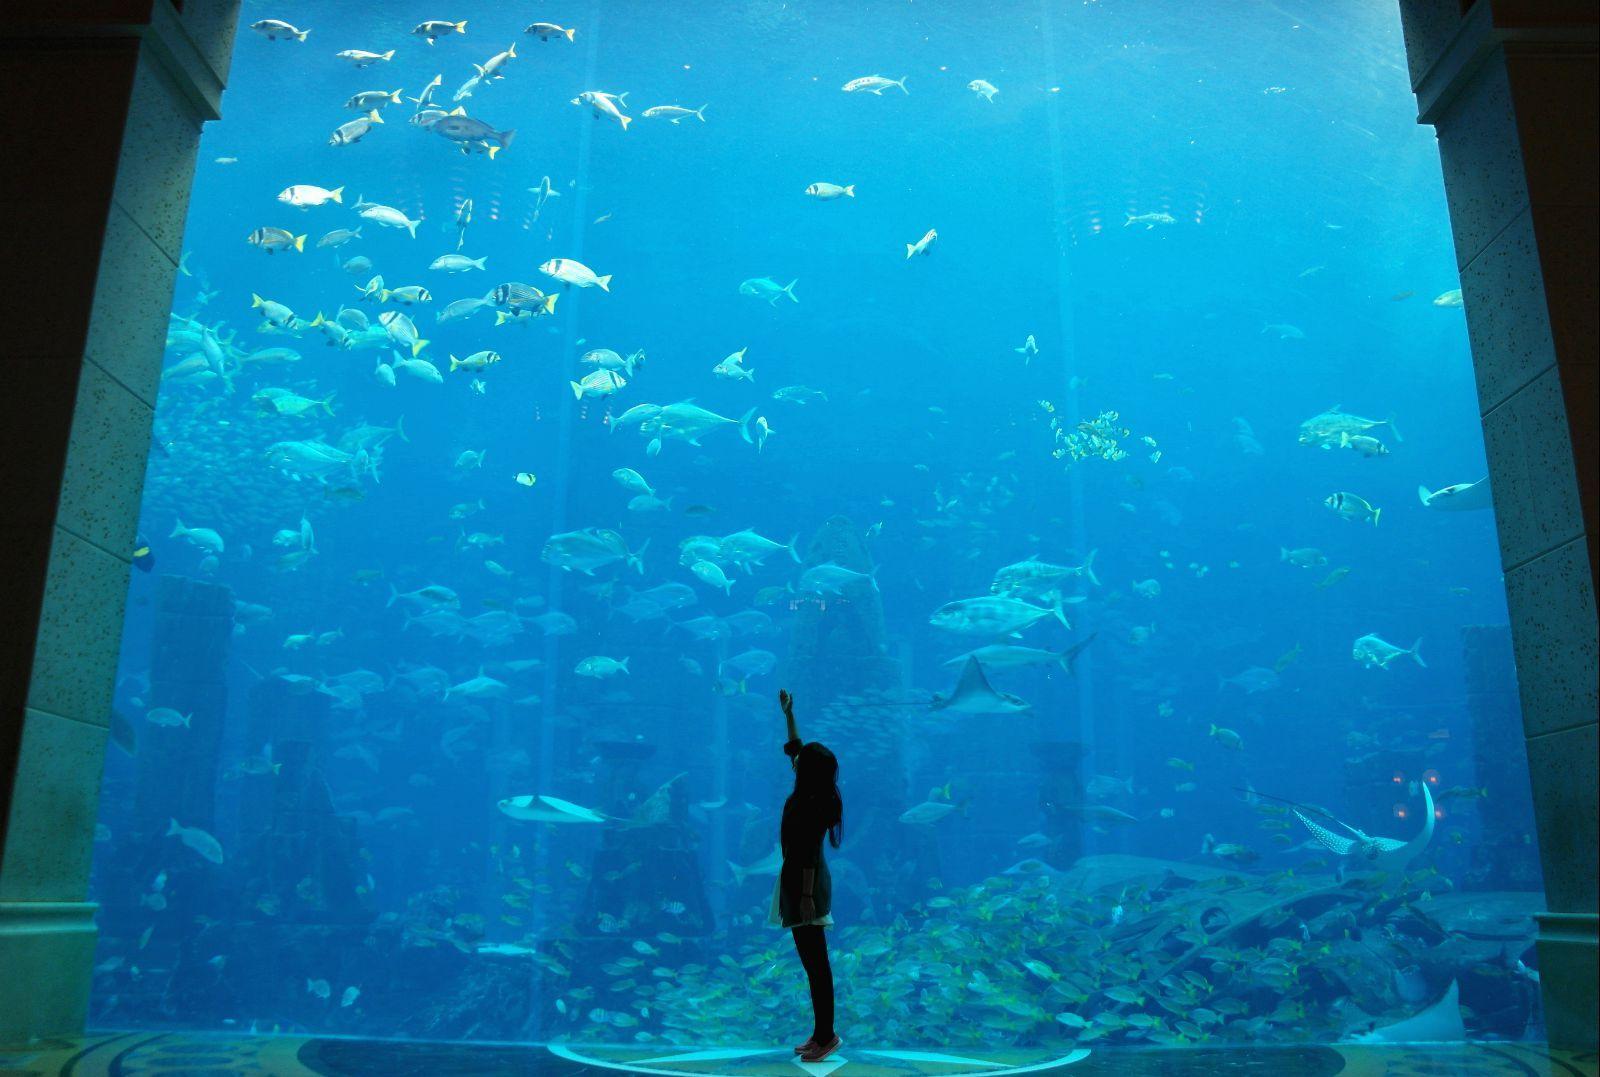 迪拜,沙迦经典一日游(朱美拉海滨浴场 棕榈岛 亚特兰蒂斯水族馆 迪拜图片